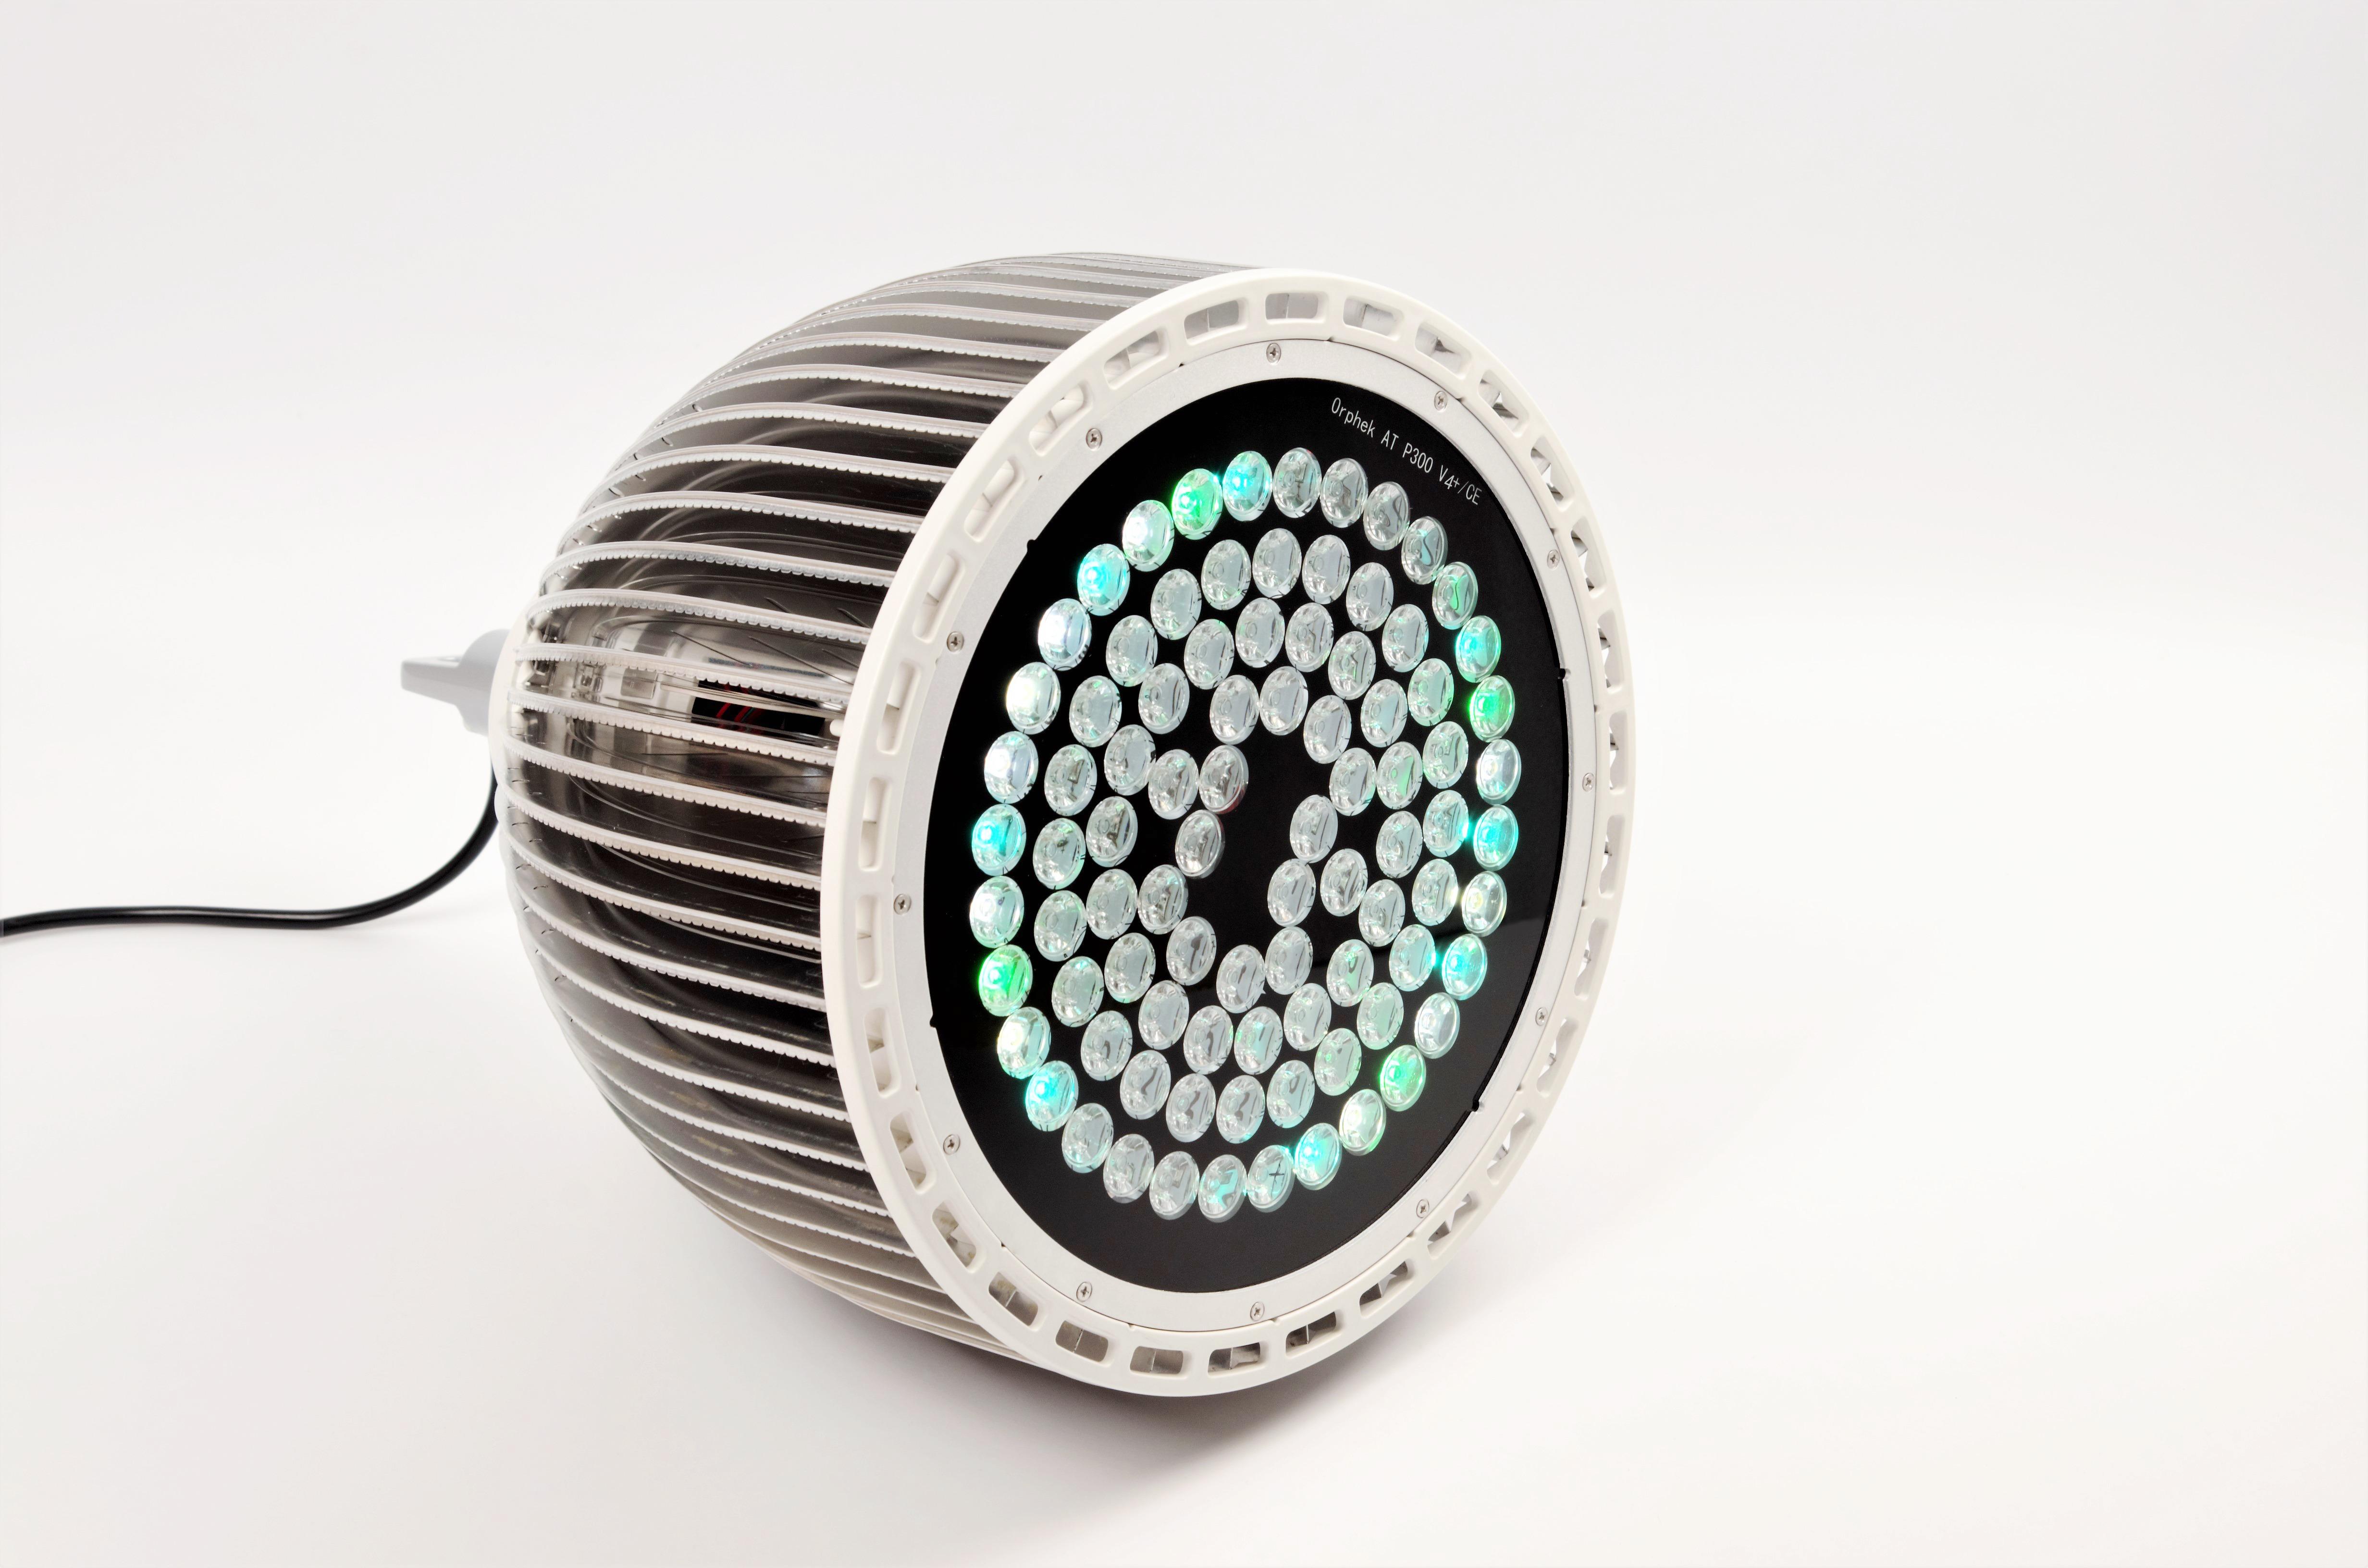 Orphek-publiczne Akwarium-LED-oświetlenie-Reef-Atlantik-p300-V4-plus-kanałowy 1-DSC_4421